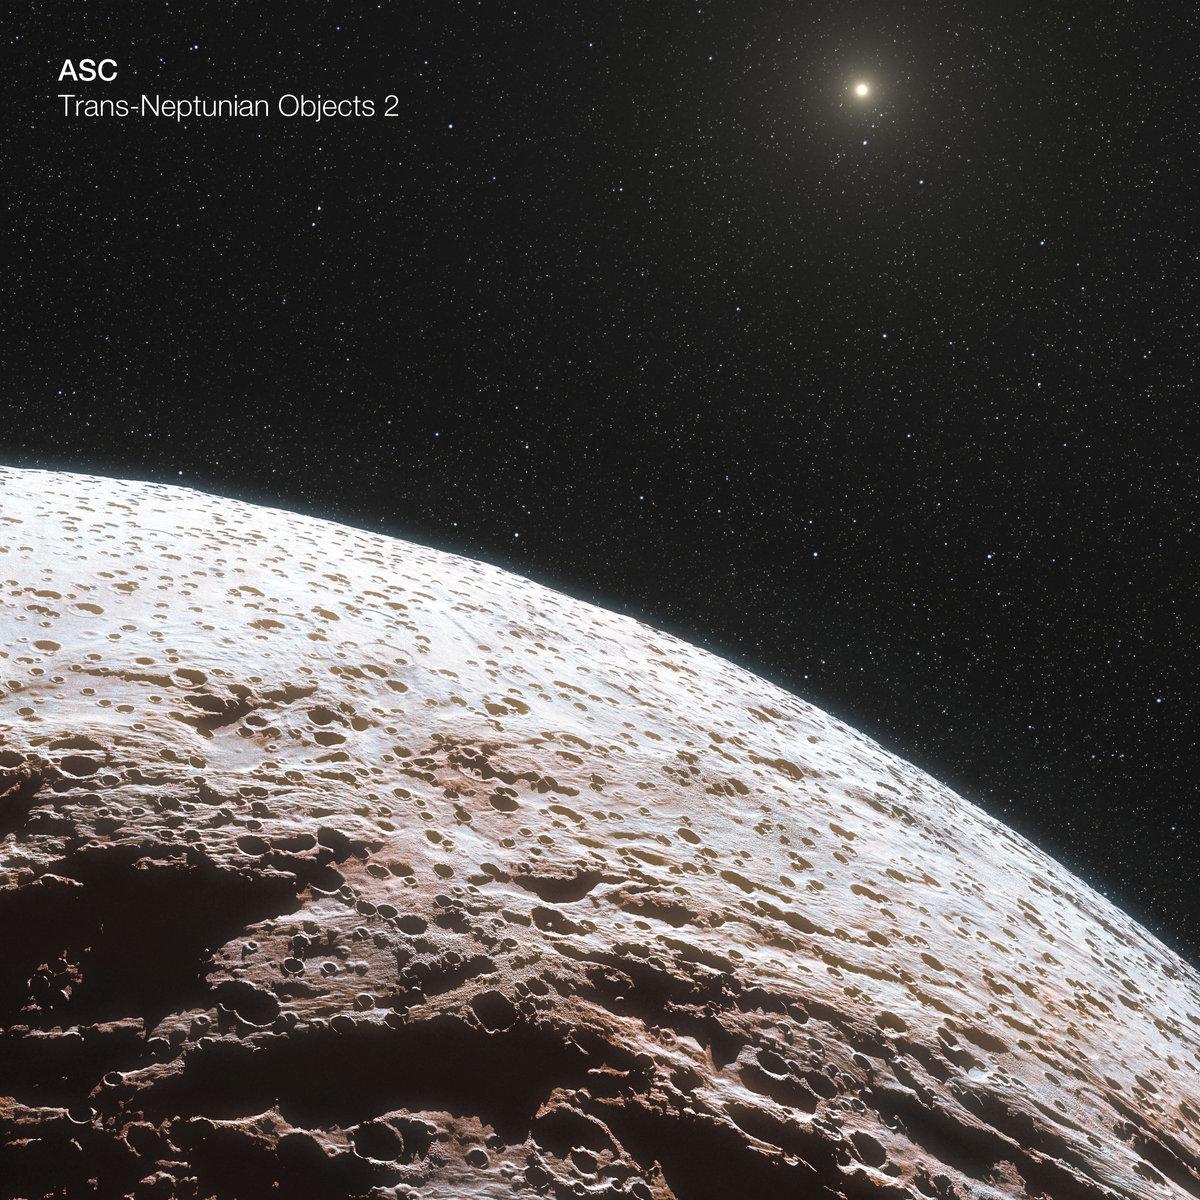 ASC - Trans-Neptunian Objects 2